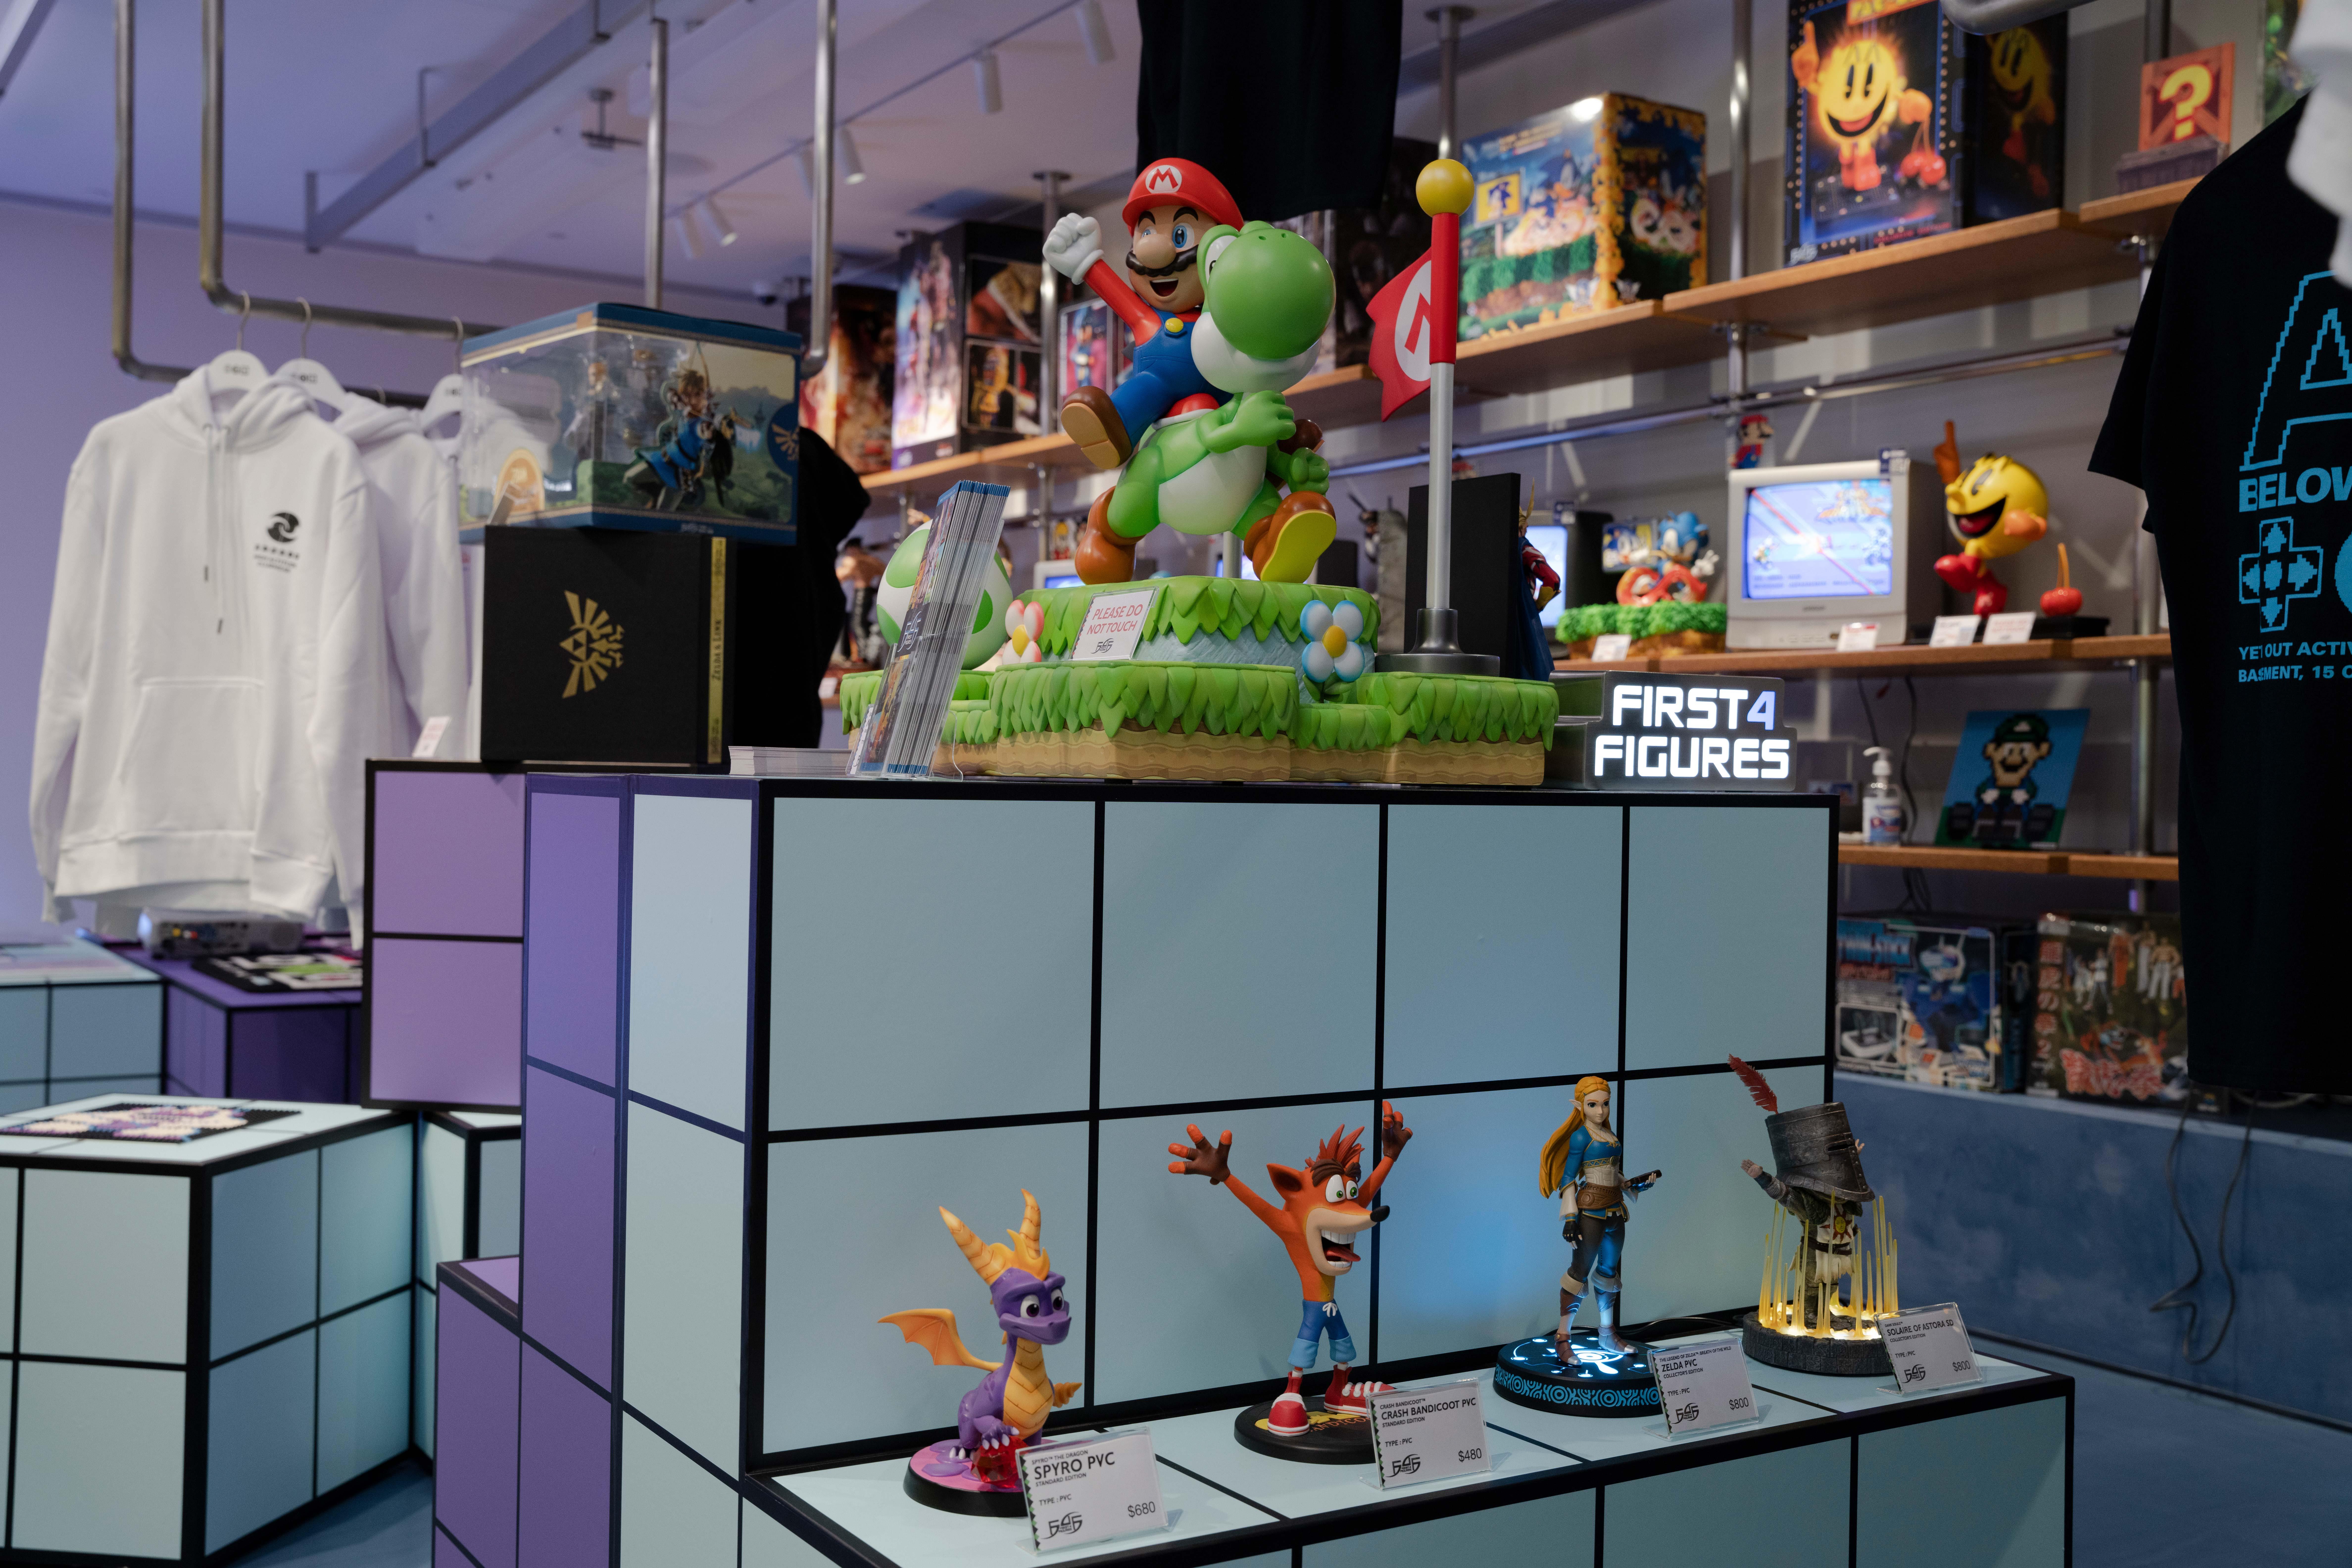 Mario and Yoshi Statue at AV BELOWGROUND Arcade